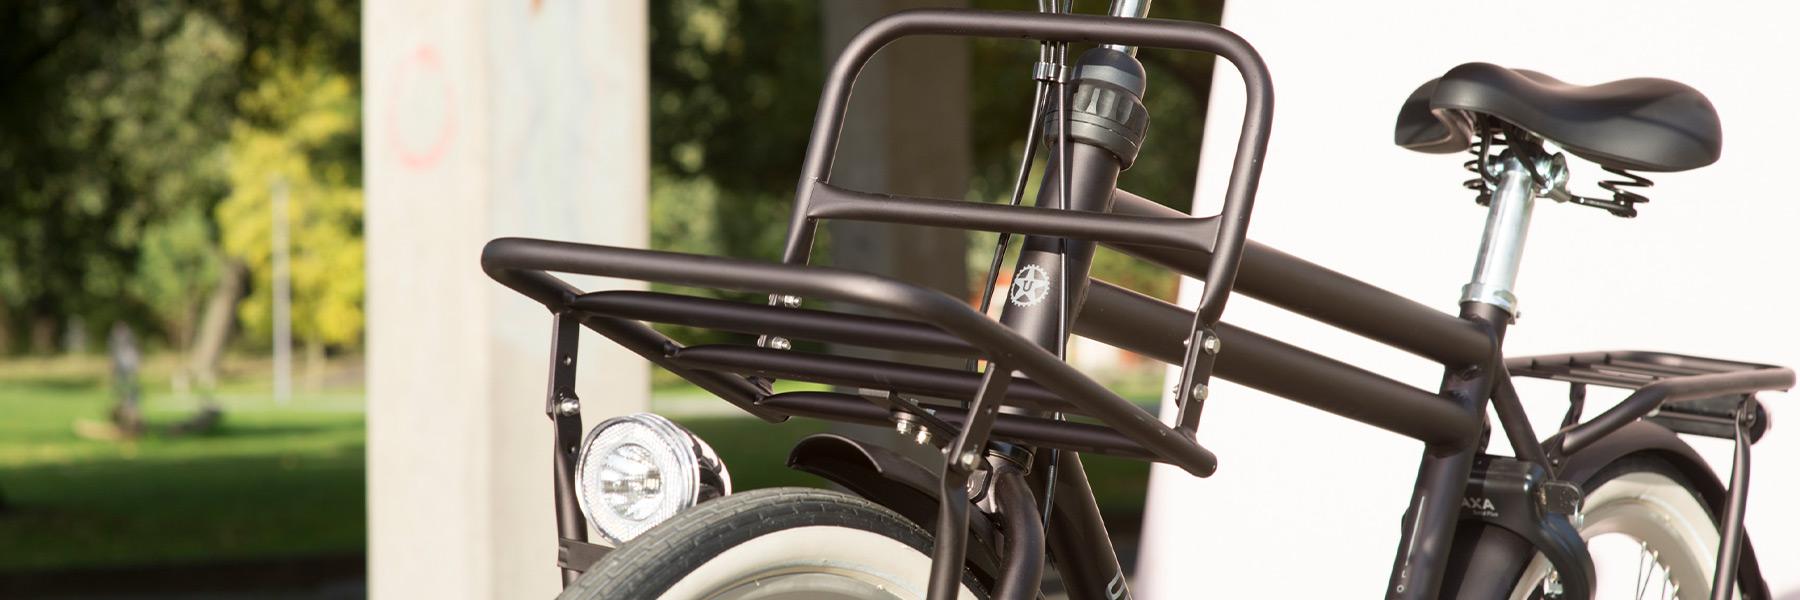 Union fiets met voorrek